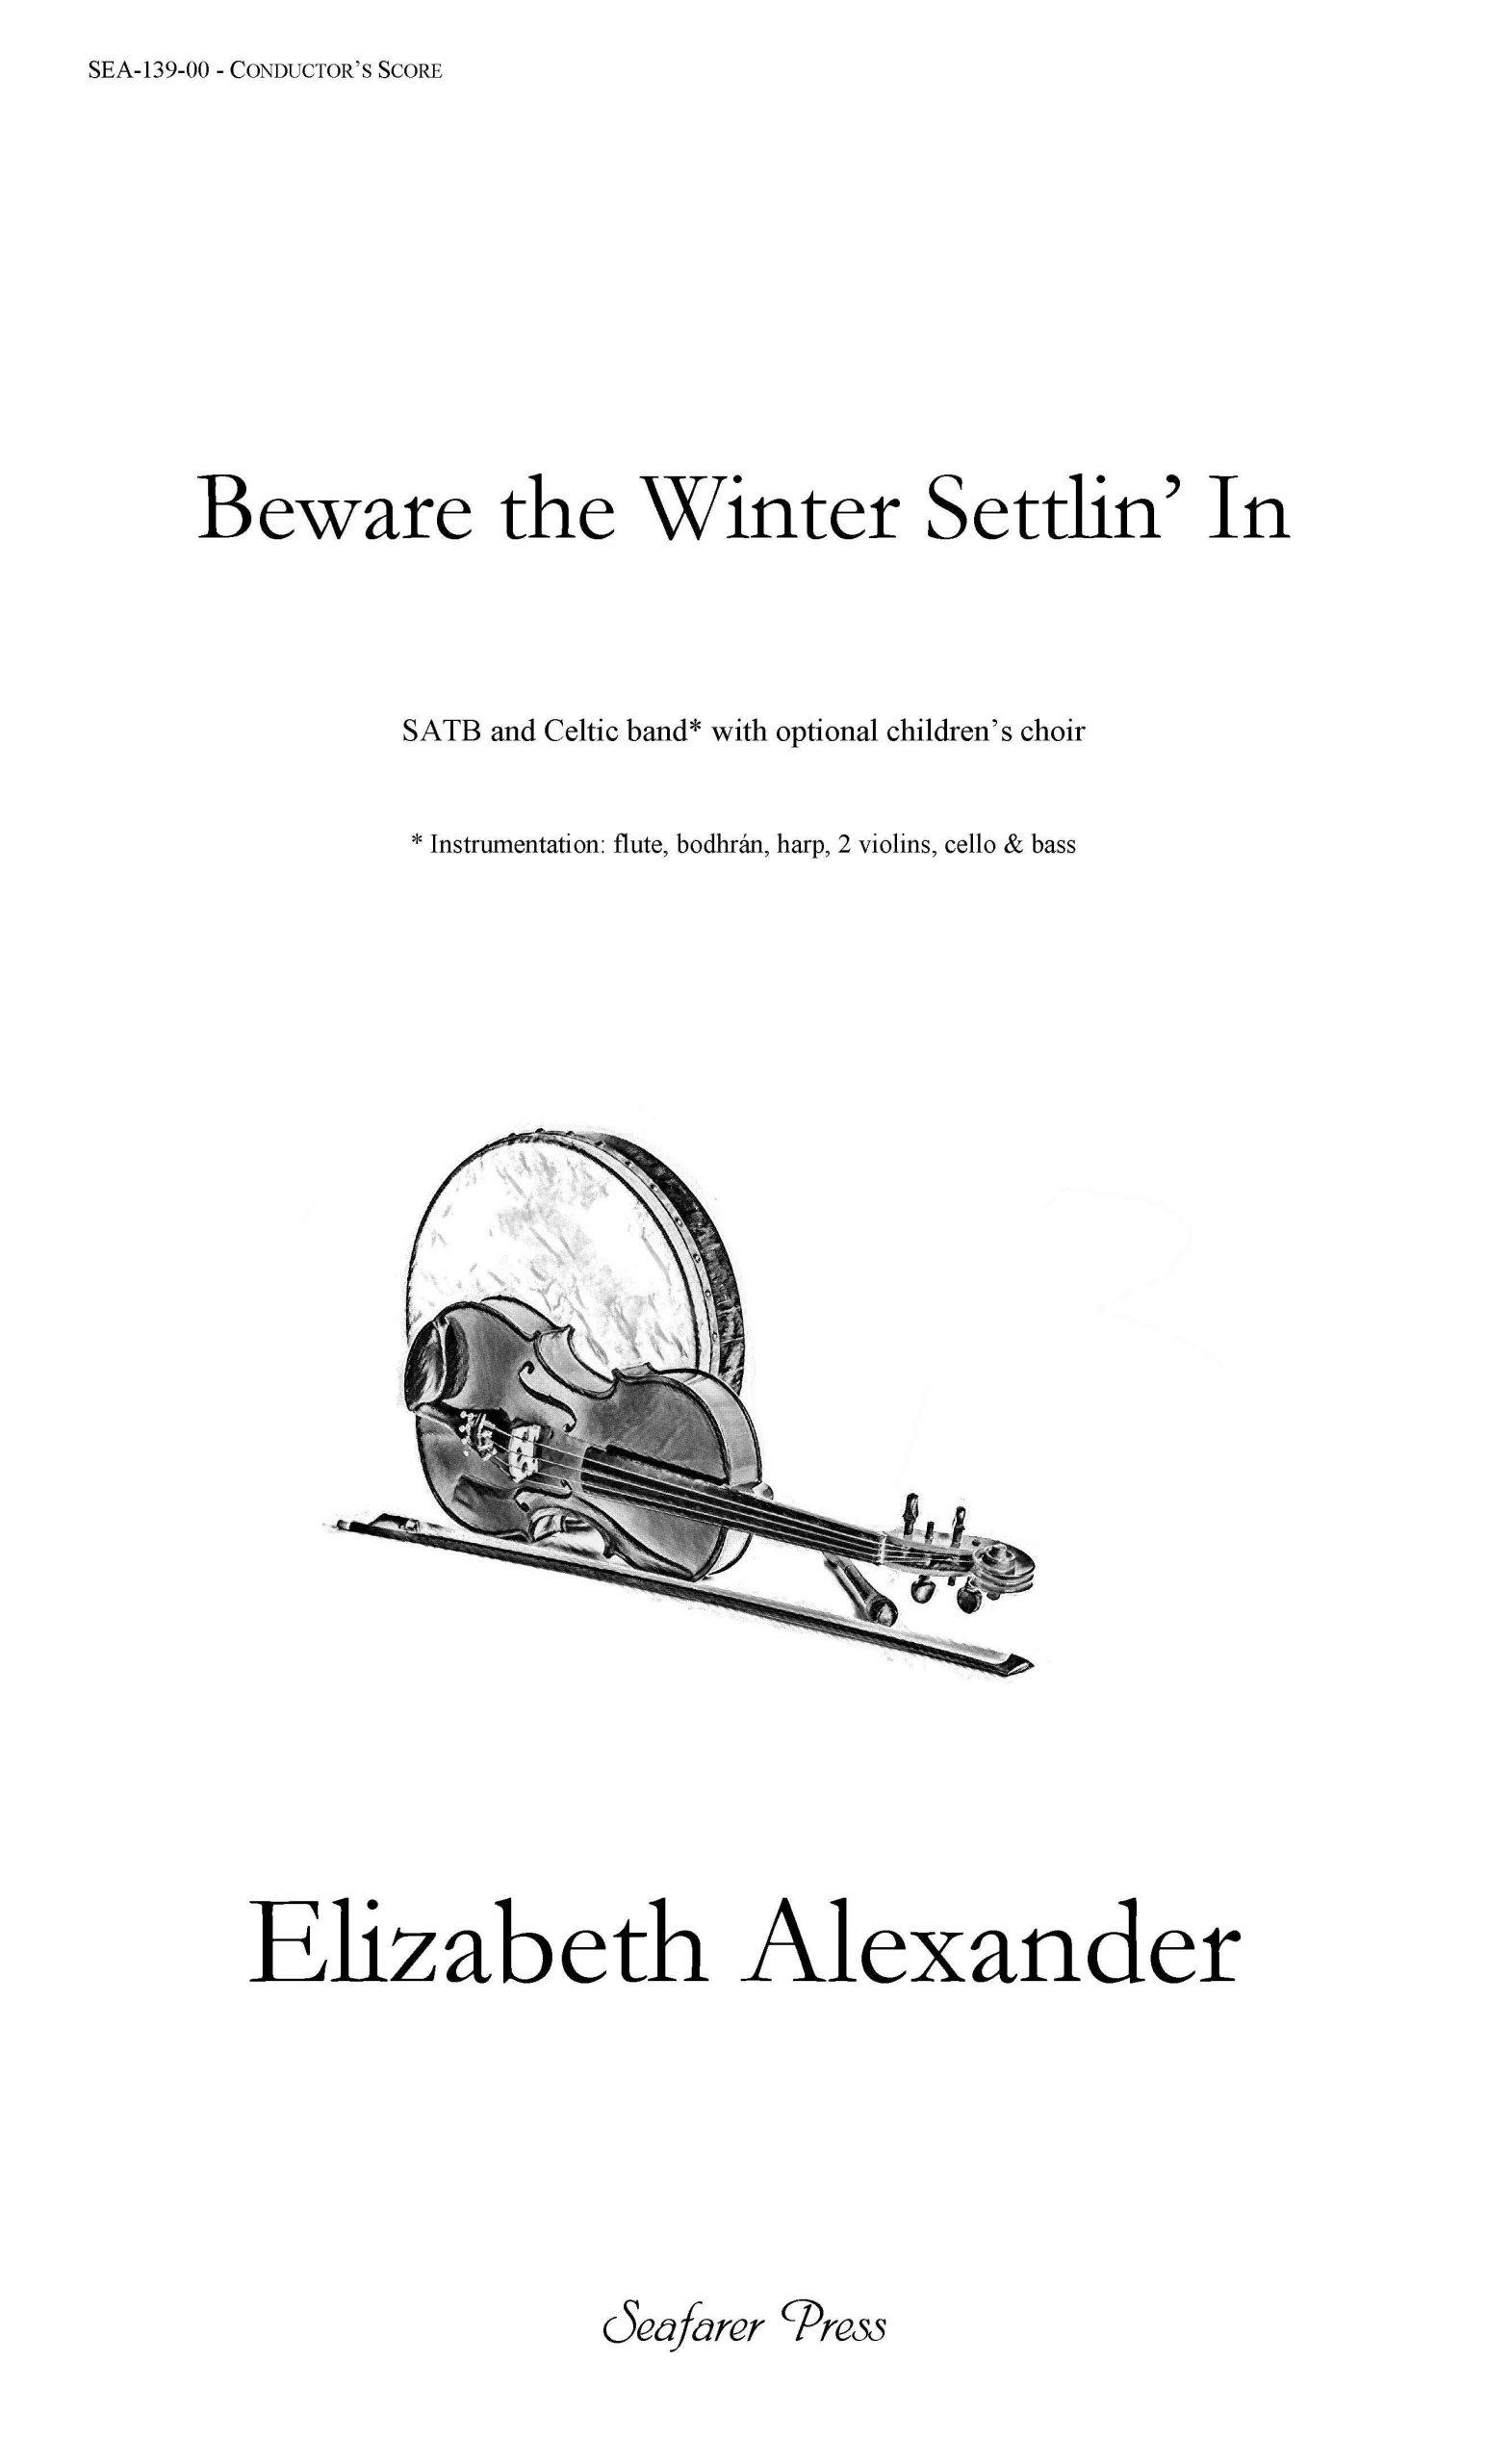 SEA-139-02F - Beware the Winter Settlin' In